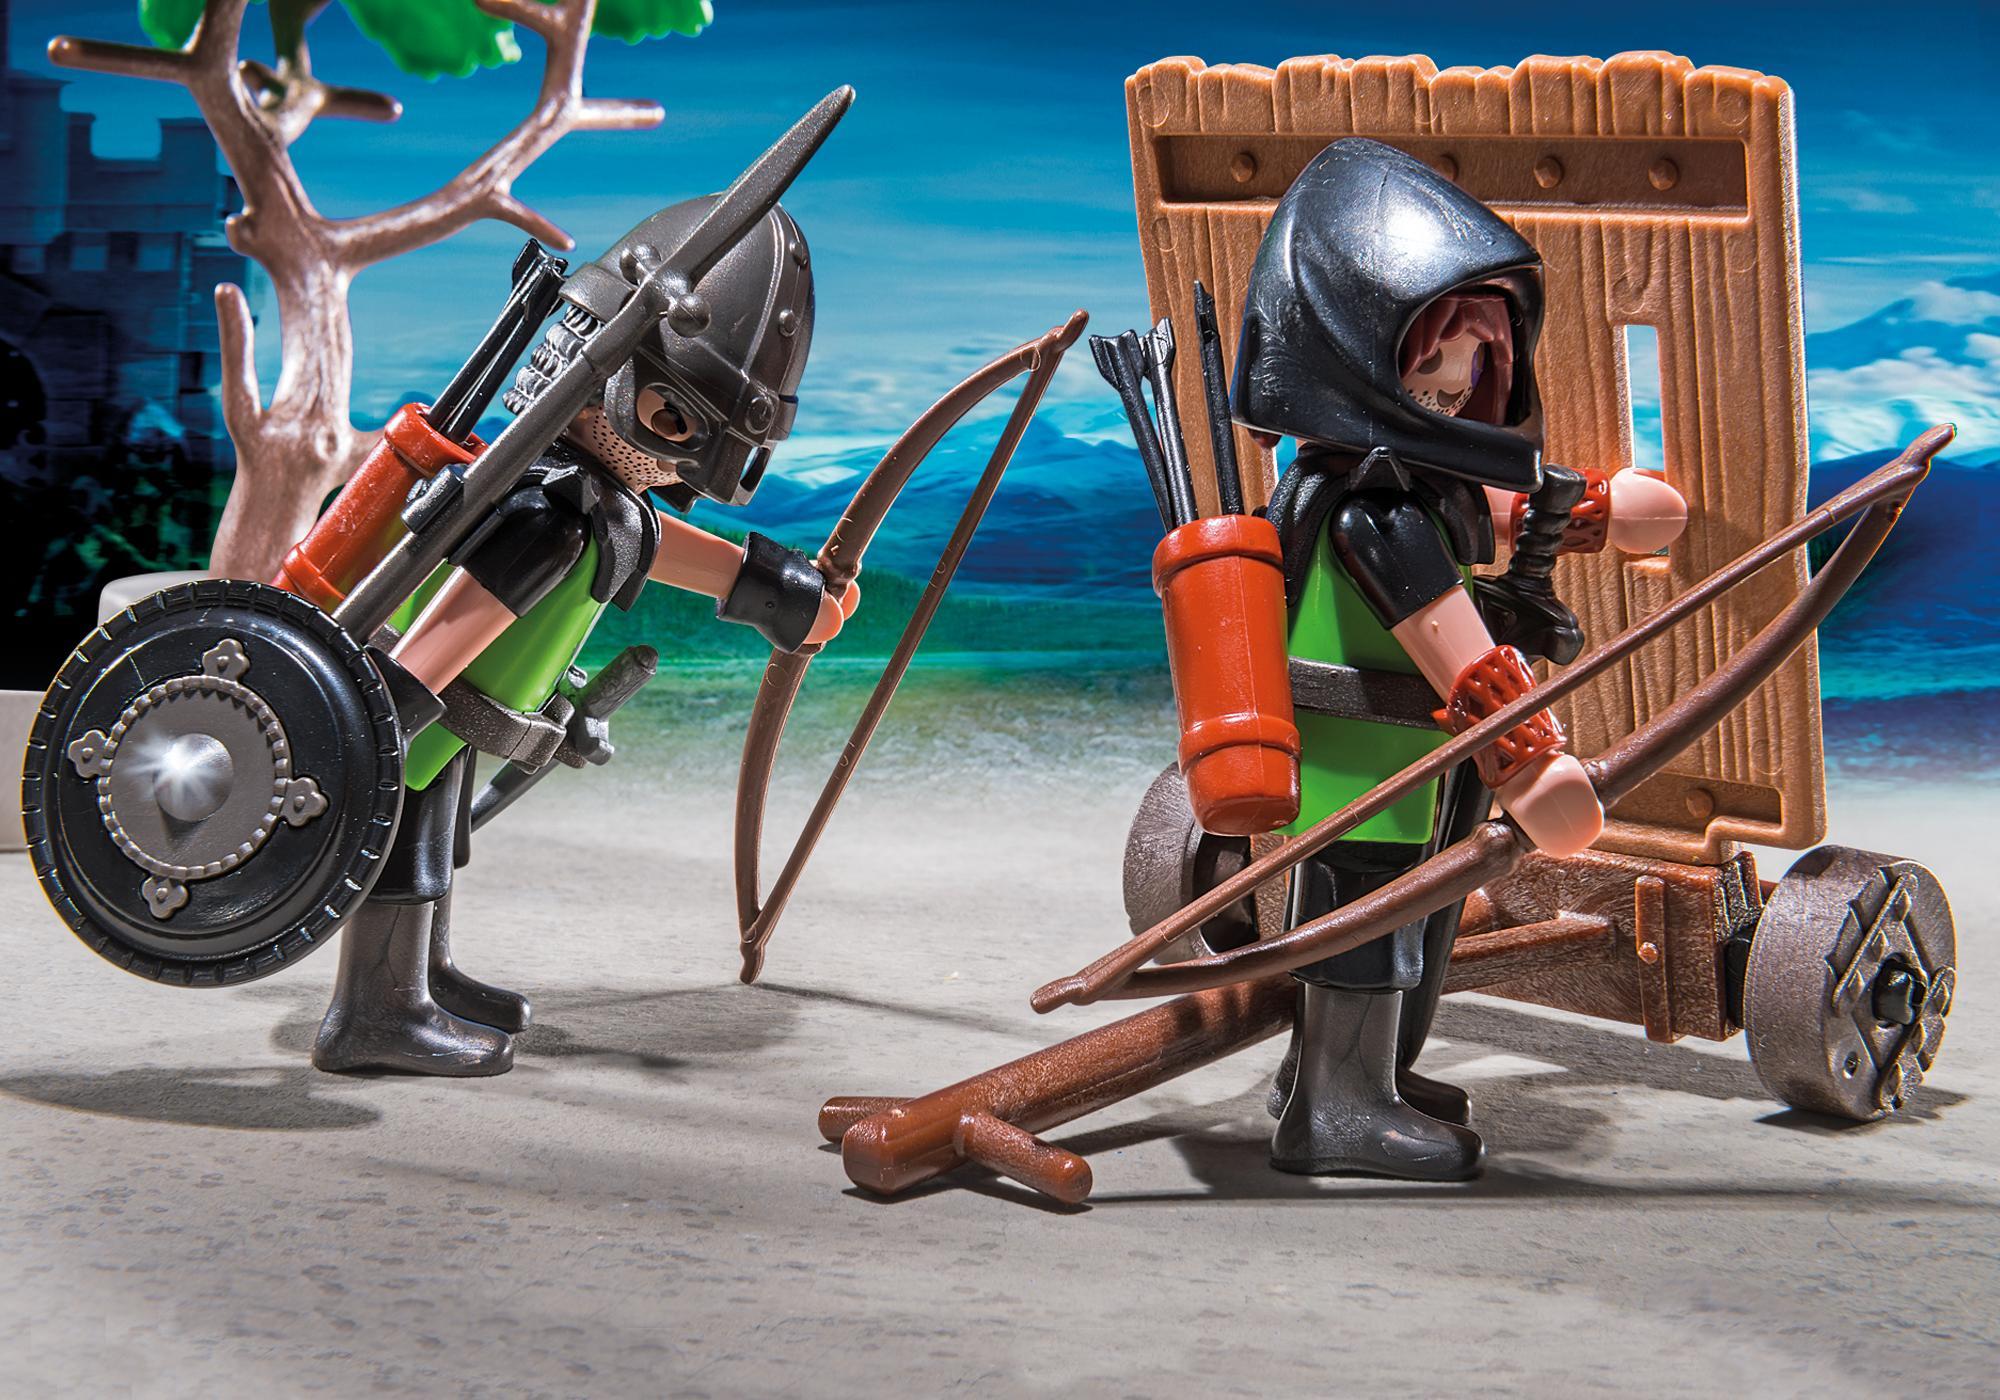 http://media.playmobil.com/i/playmobil/6041_product_extra1/Cavaleiros do Lobo com Catapulta